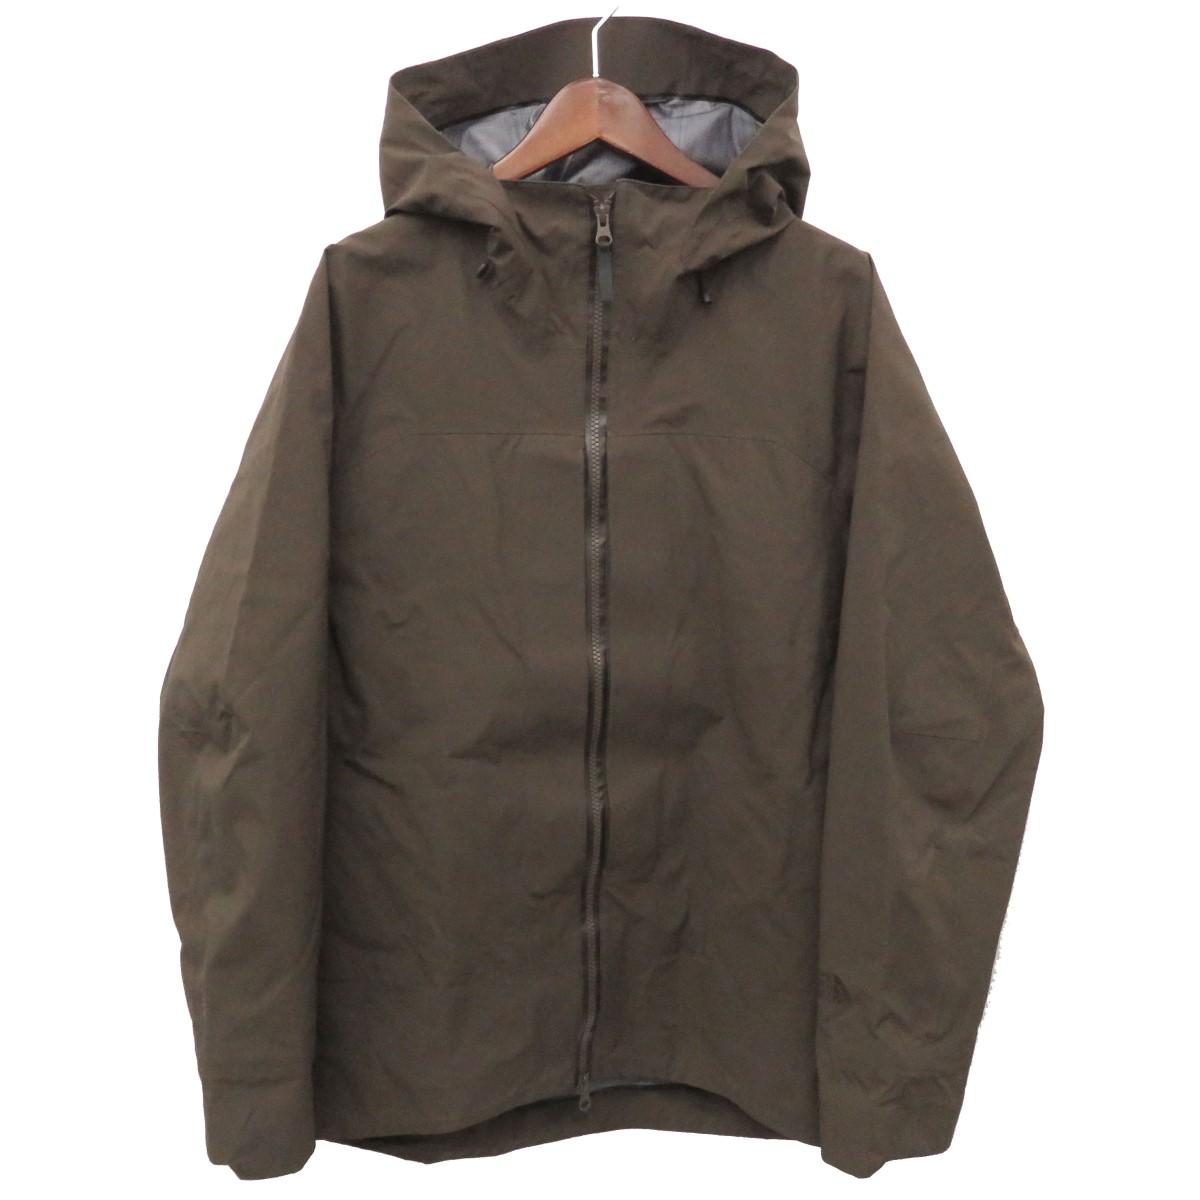 【中古】THE NORTH FACE GADGET HANGAR HOODIE フーデッドジャケットマウンテンパーカー ブラウン サイズ:L 【170420】(ザノースフェイス)